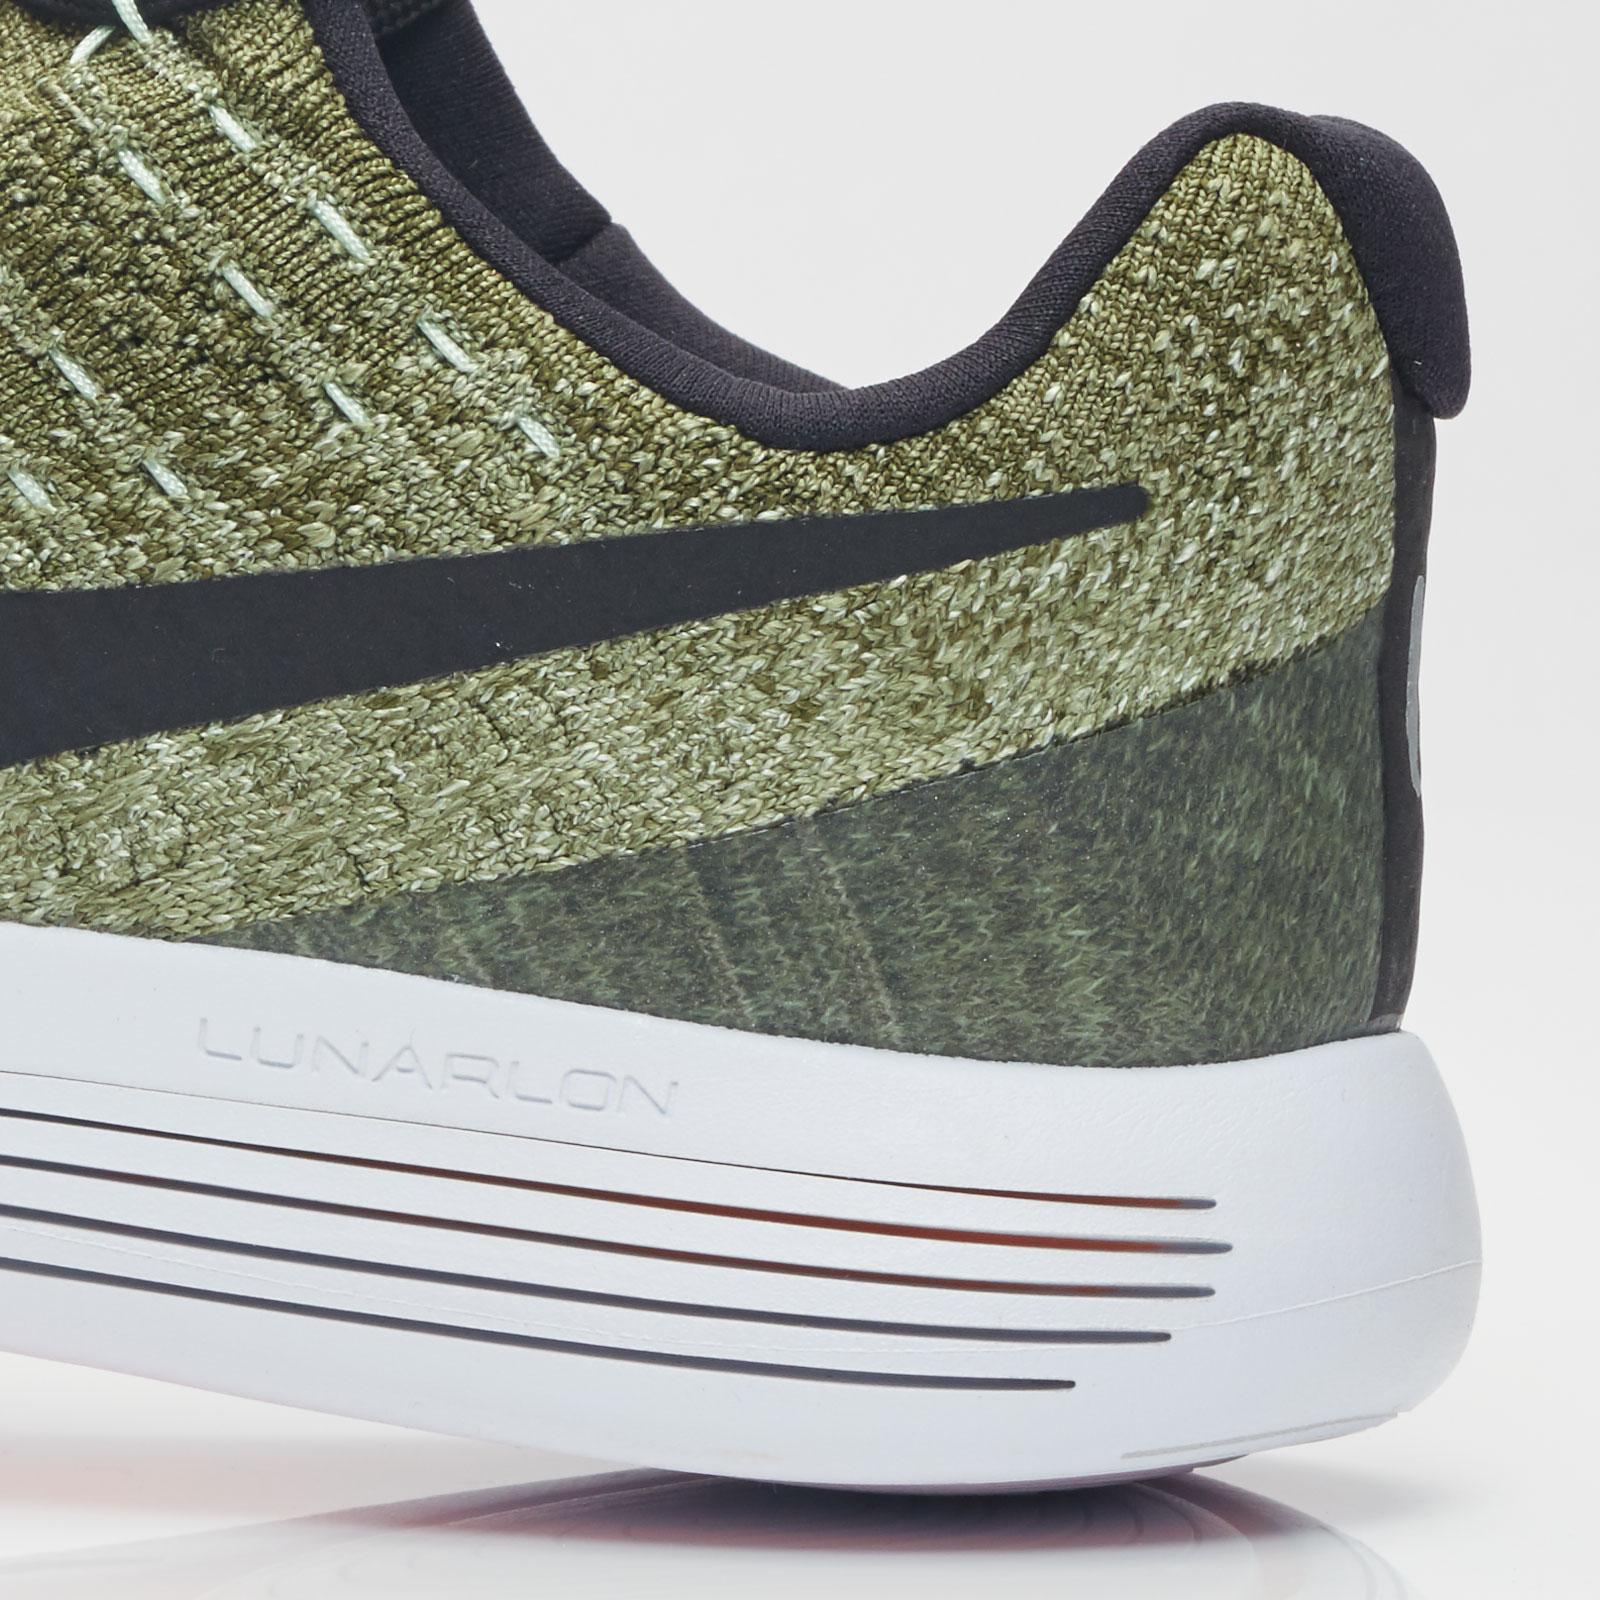 19fdc1980b4c0 Nike Wmns Lunarepic Low Flyknit 2 - 863780-300 - Sneakersnstuff ...